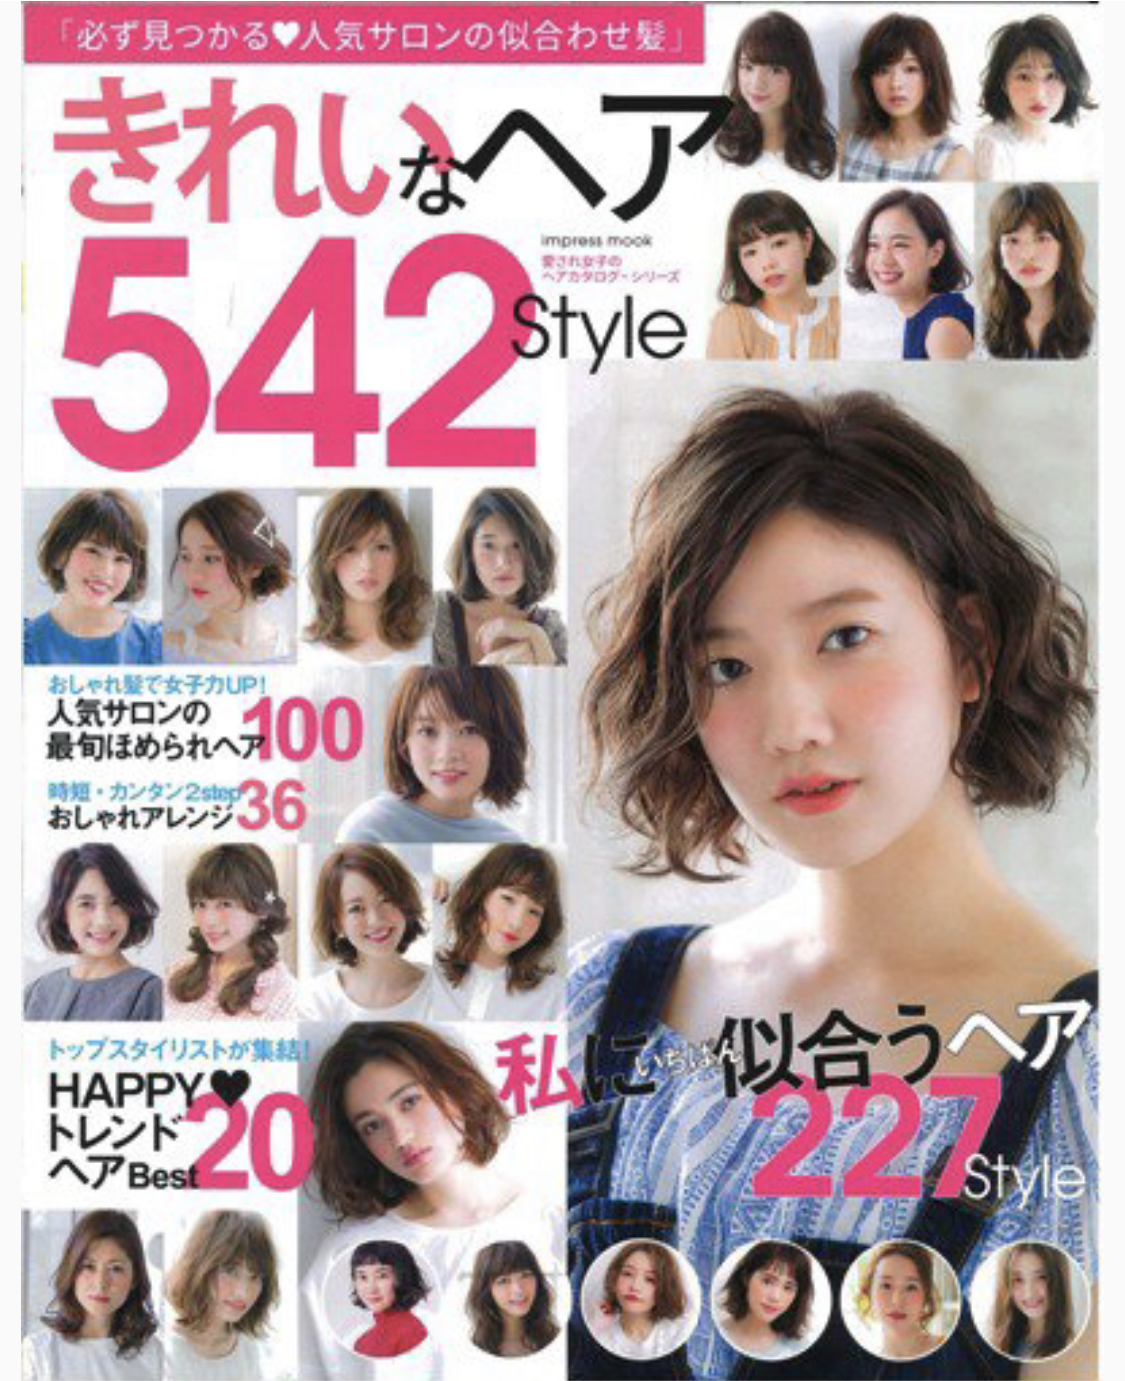 2017年2月21日発売!きれいなヘア542style stylist 中西美加